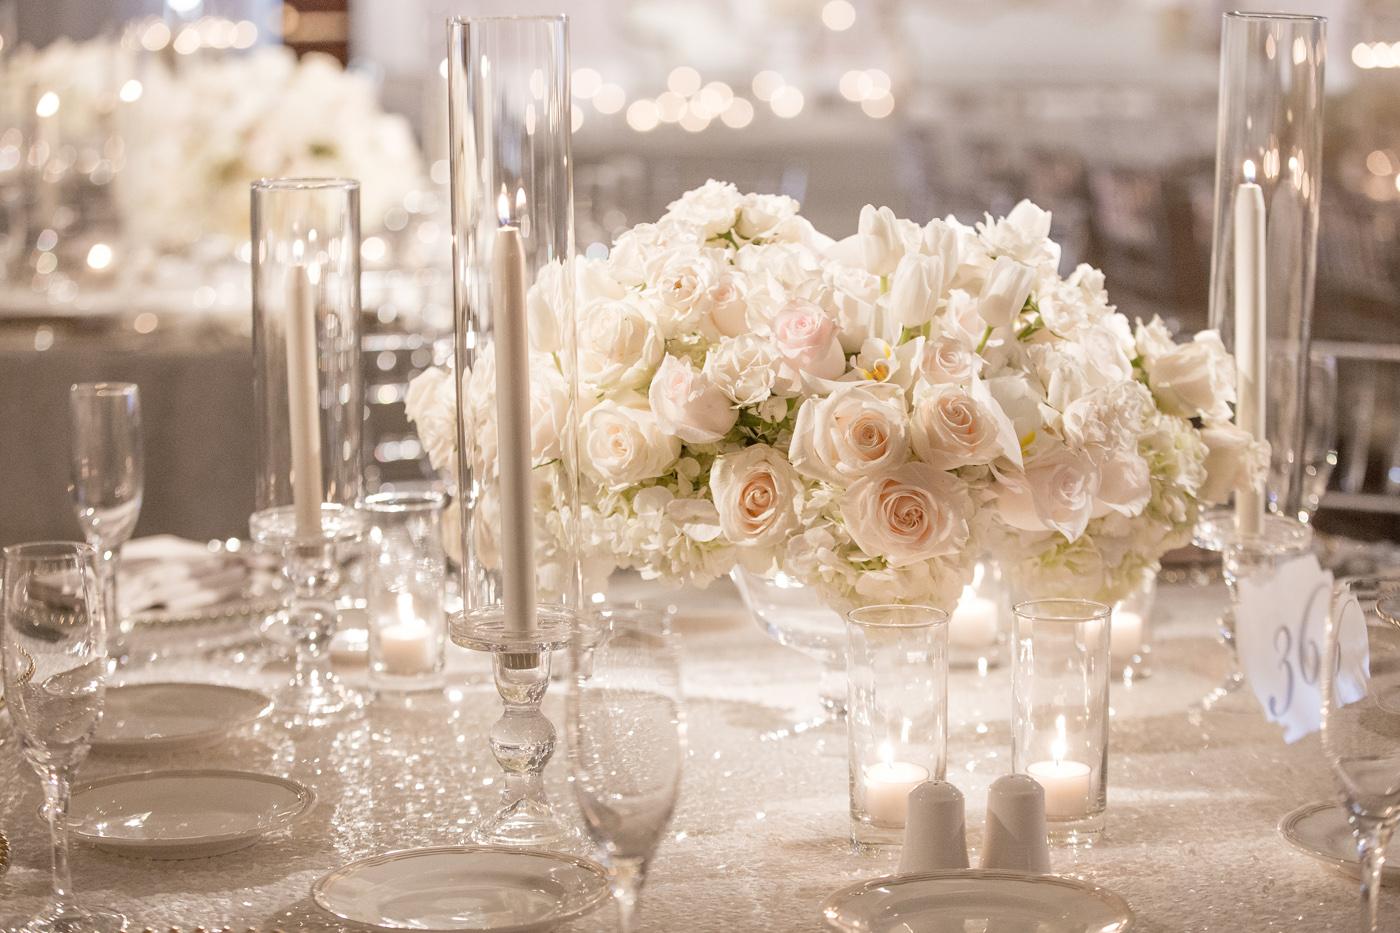 097_DukePhotography_DukeImages_Wedding_Details.jpg